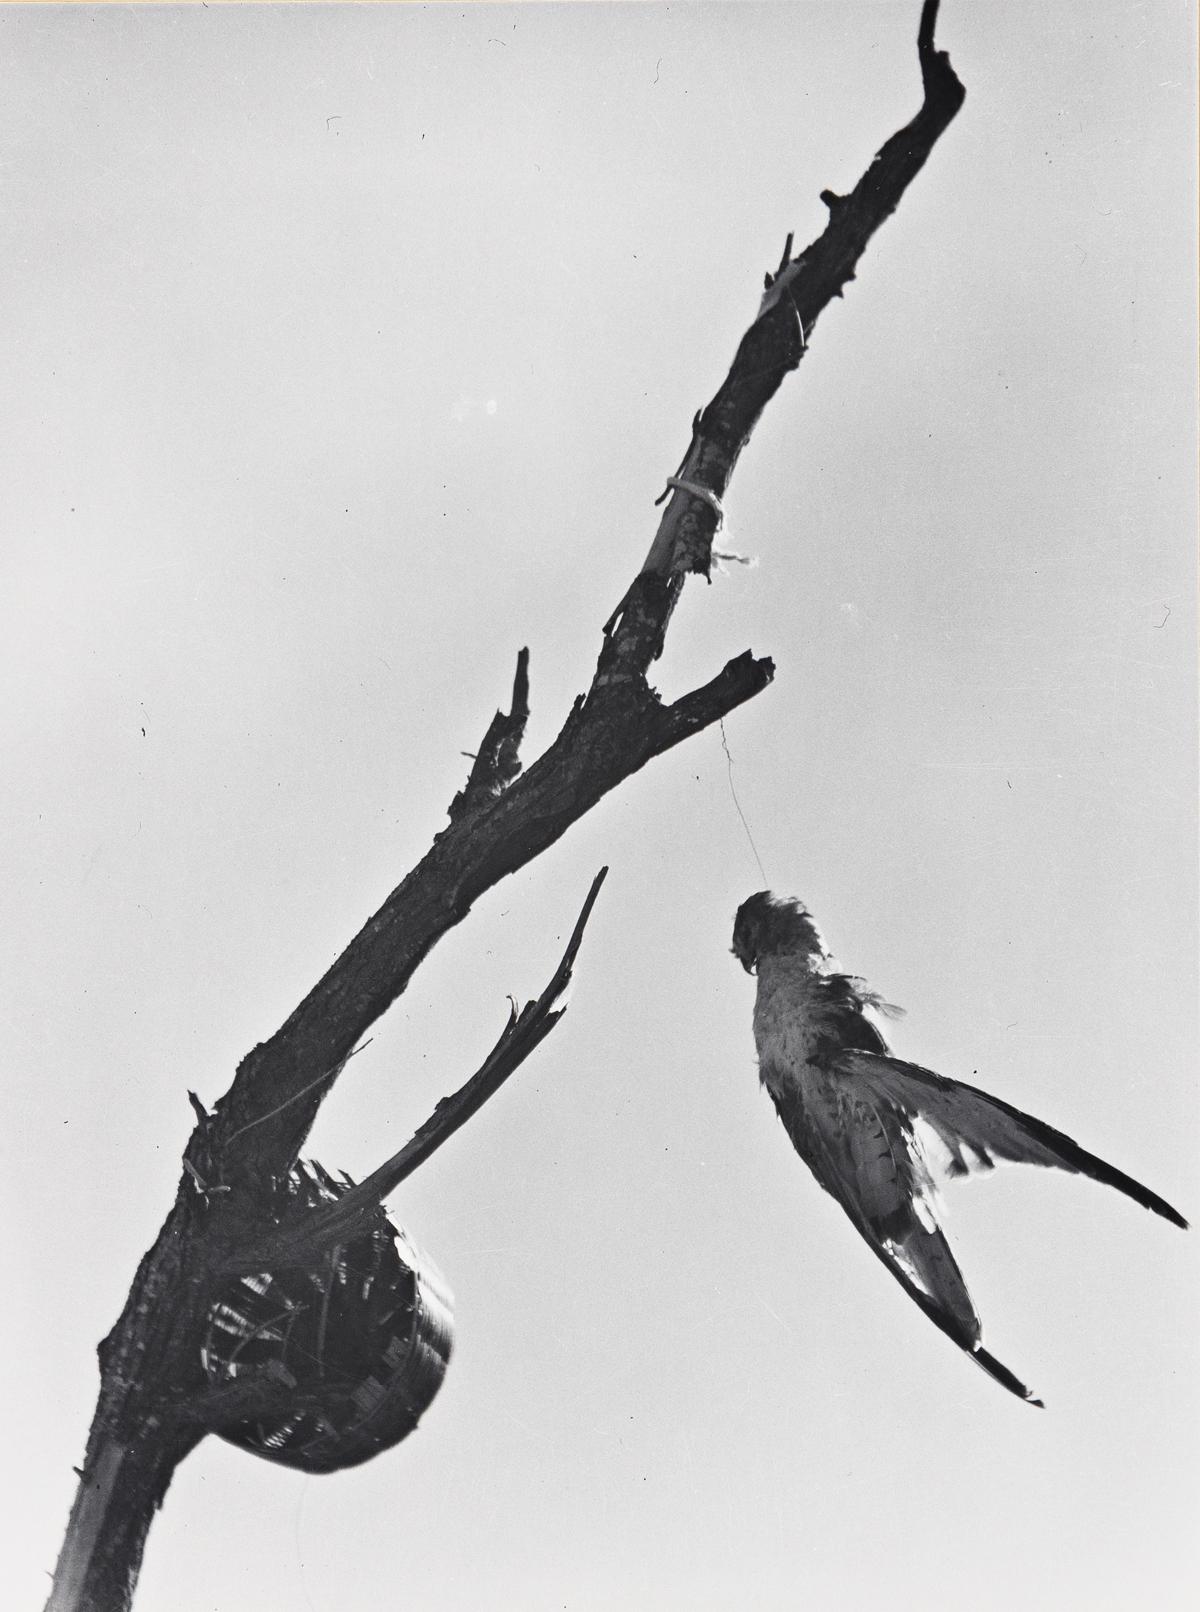 MANUEL ÁLVAREZ BRAVO (1902-2002) Pájaro crepuscular que mecido por el viento, México [Twilight Bird Swayed by the Wind].